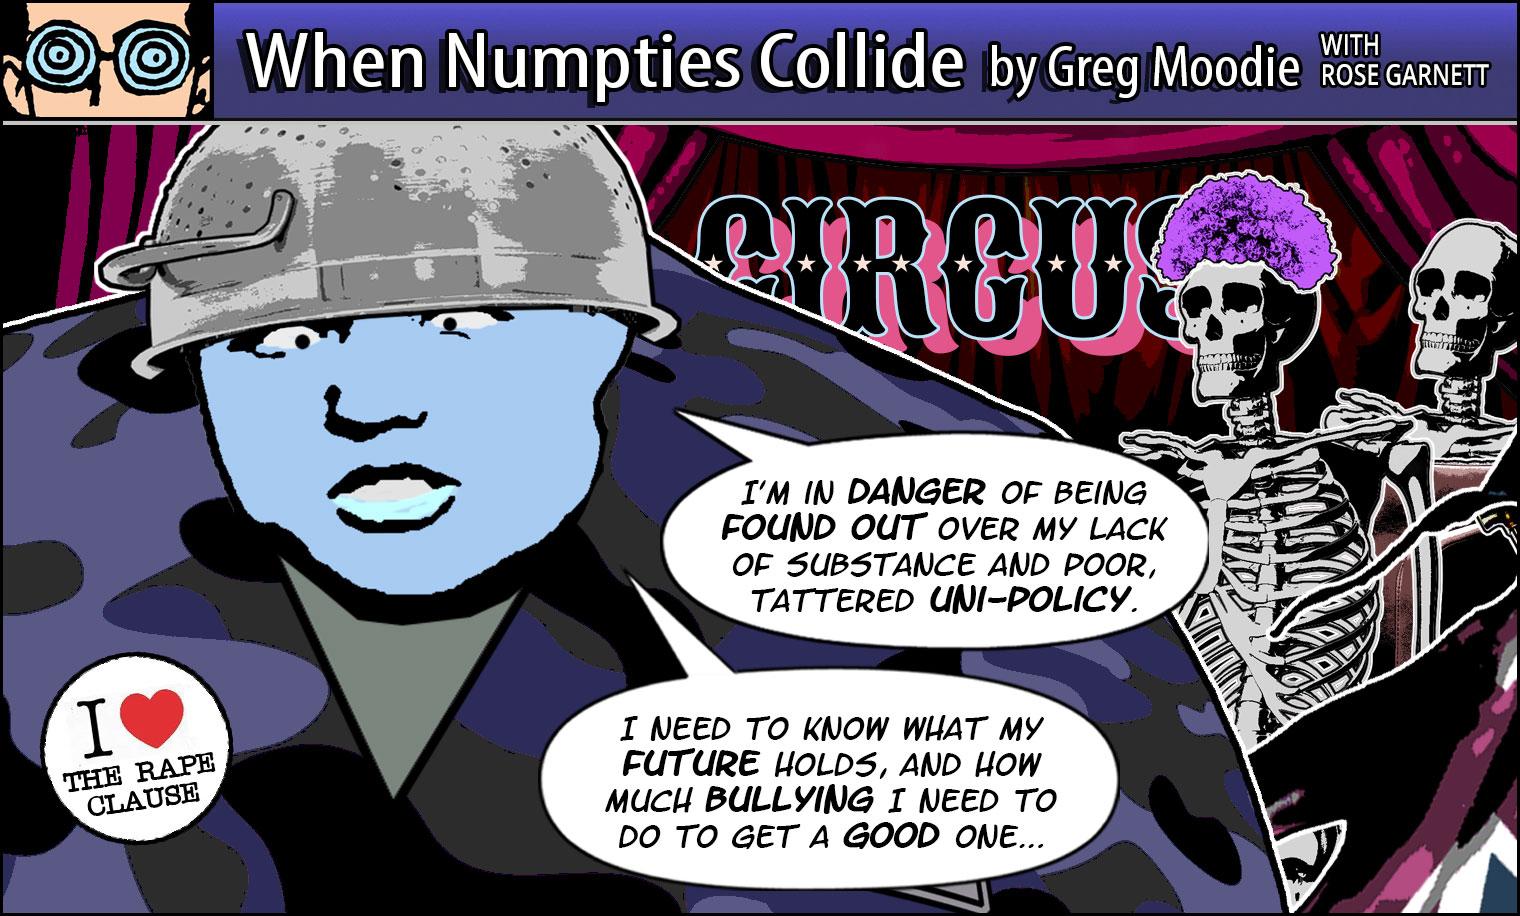 When Numpties Collide